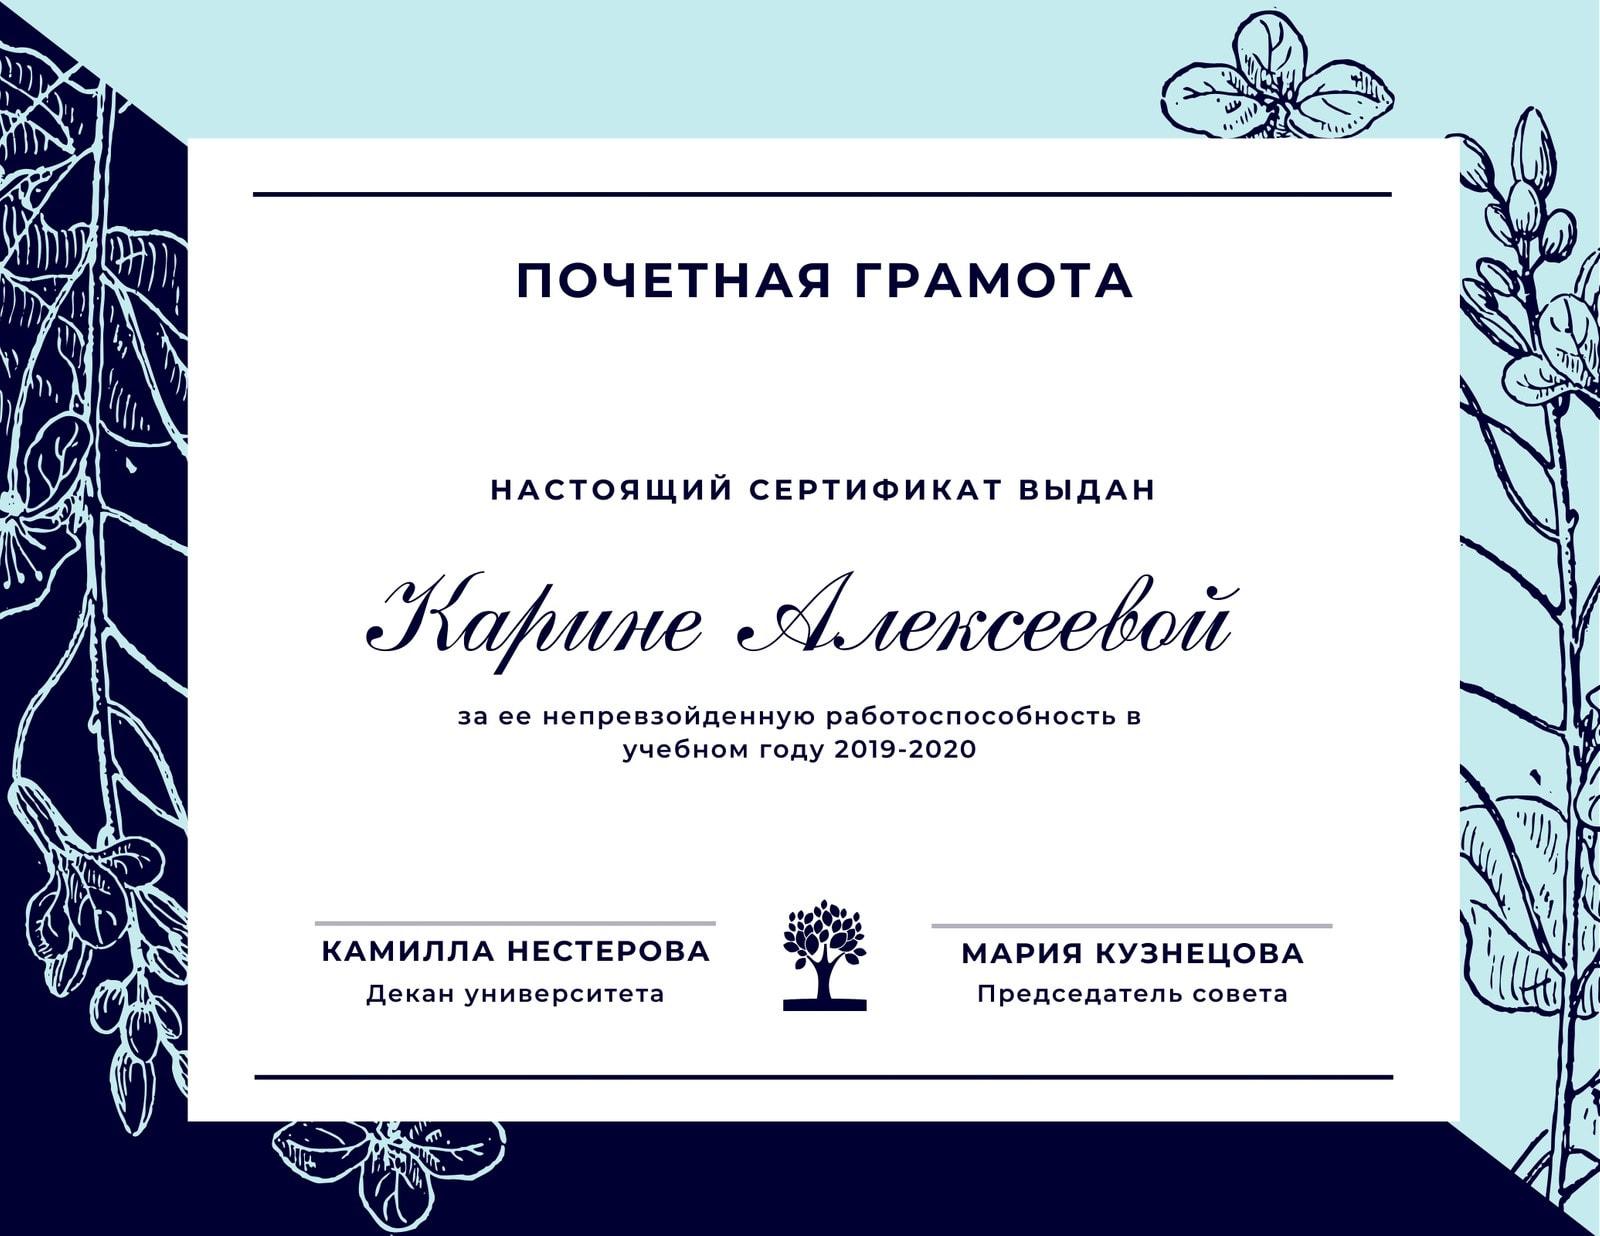 Светло-Синий и Темно-Синий Сертификат Признания